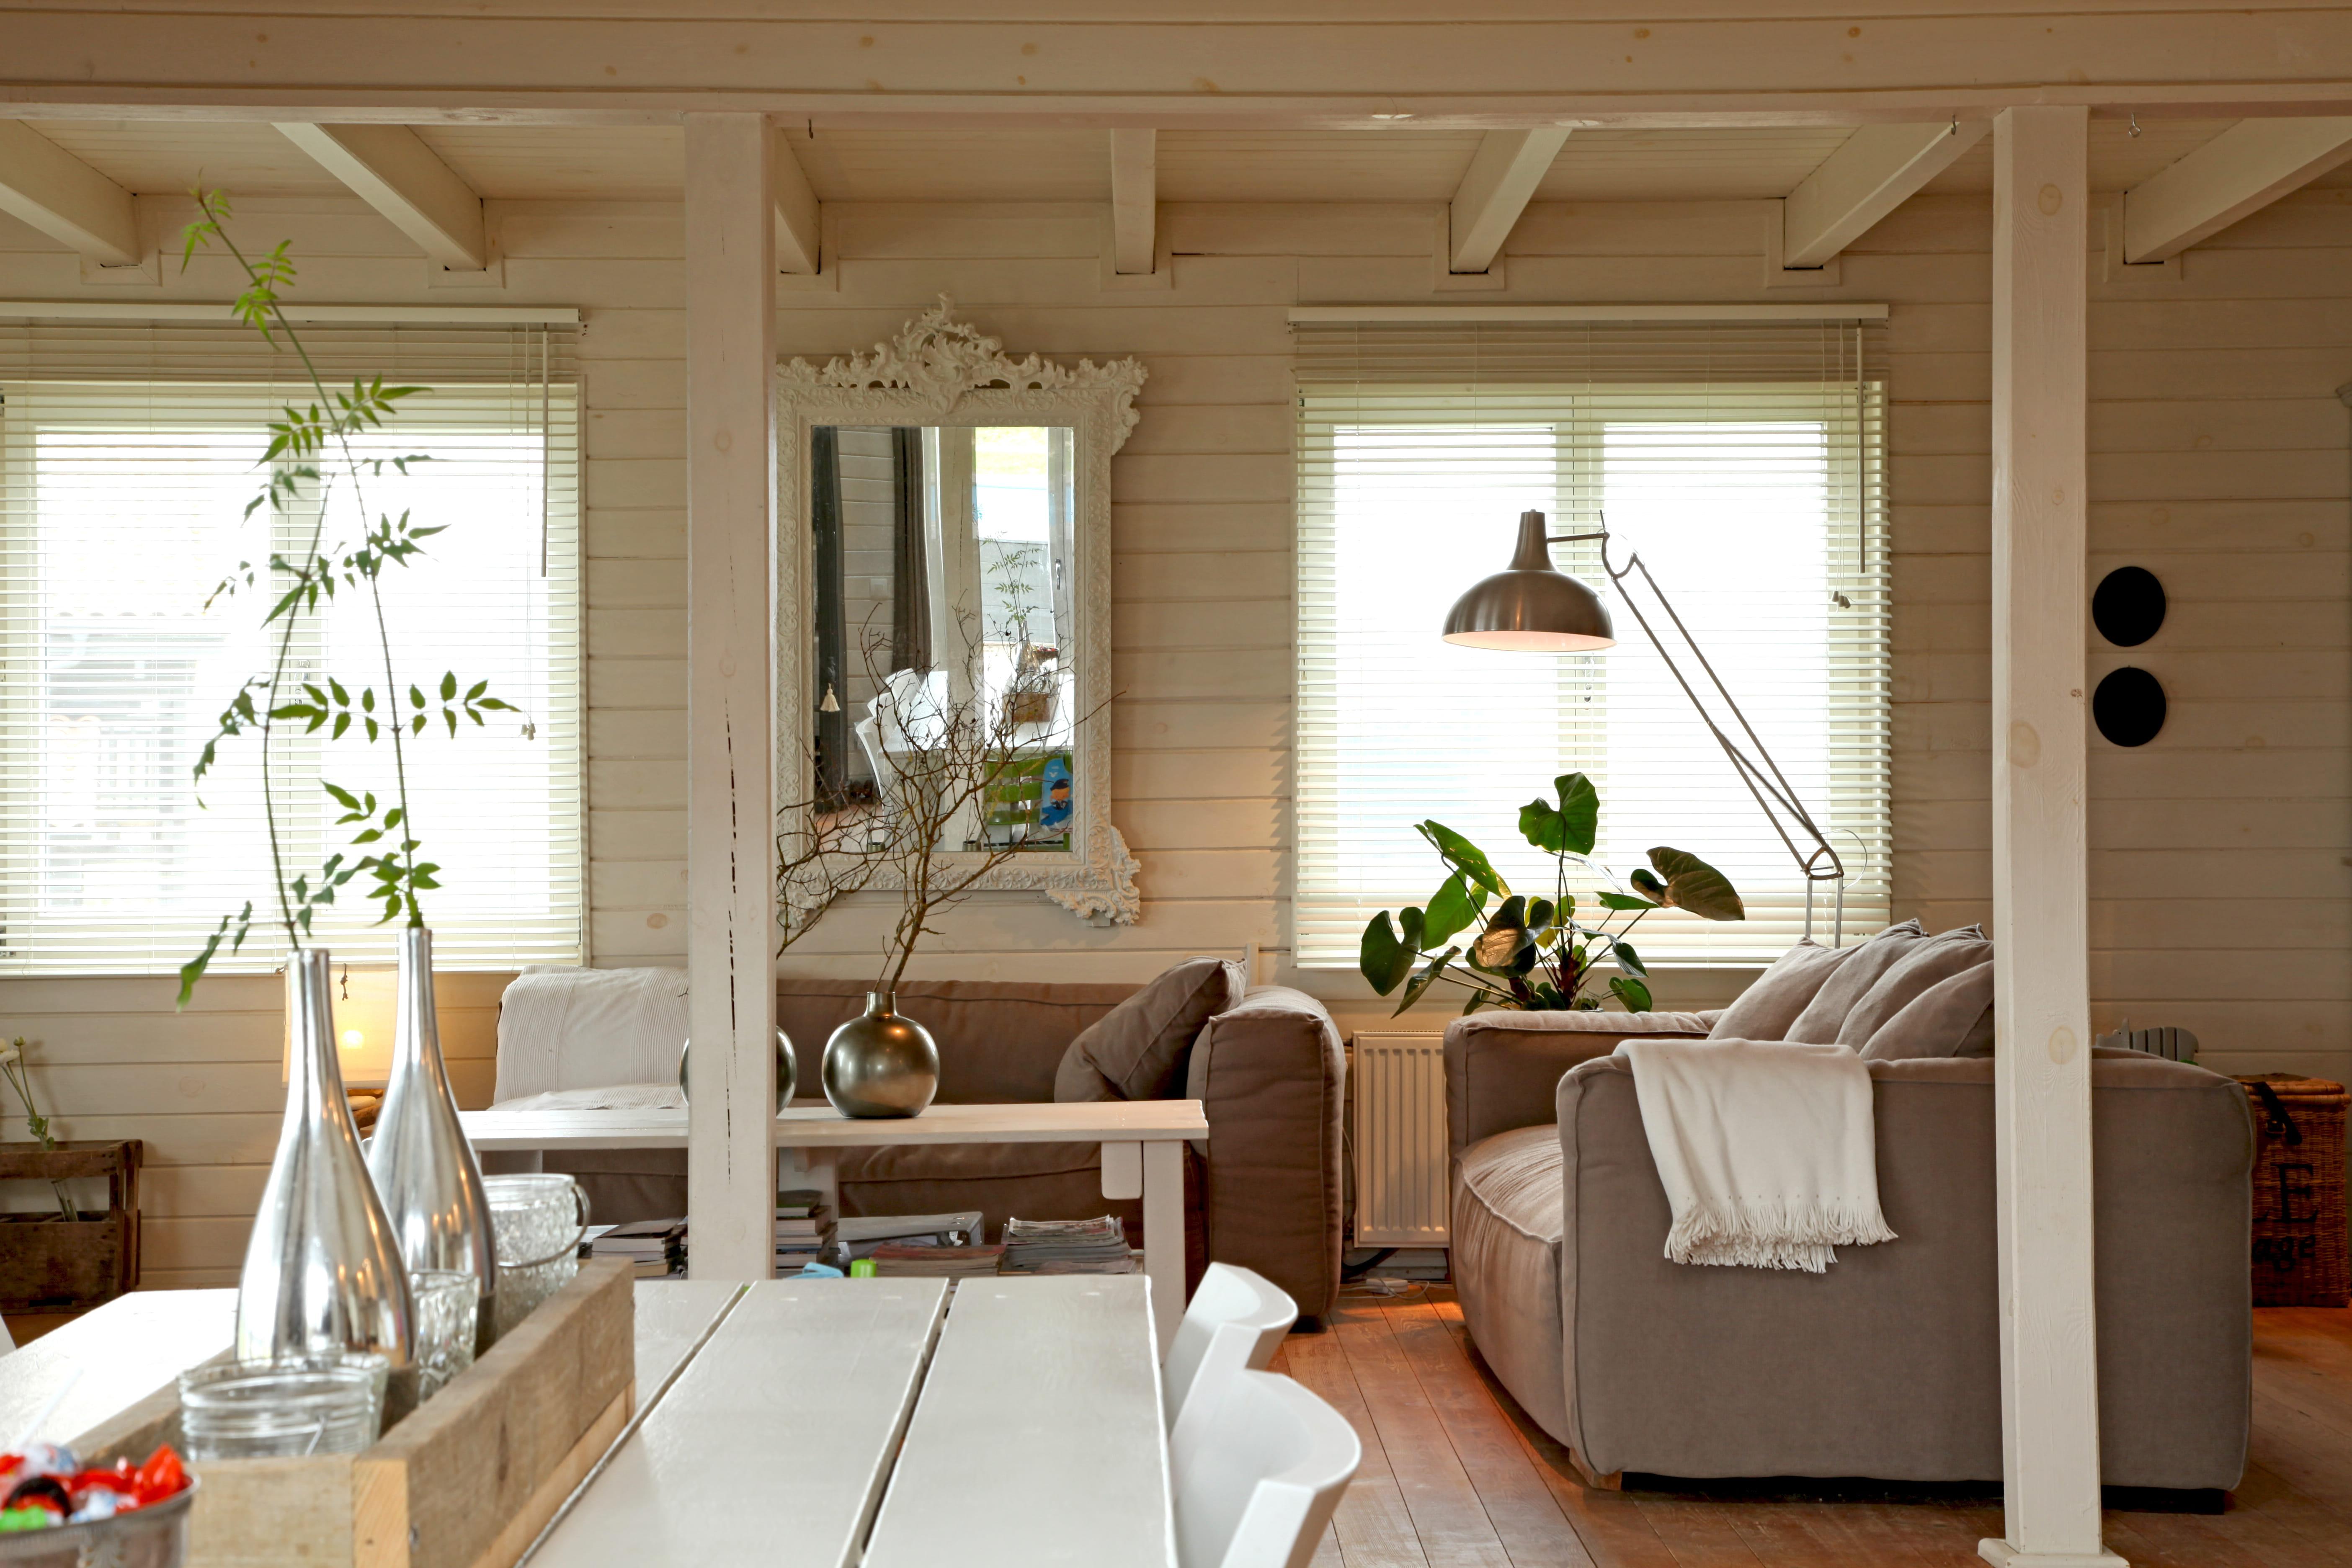 Deco Chambre Zen Bouddha : Teintes douces et claires  Salon beige  comment réveiller cette